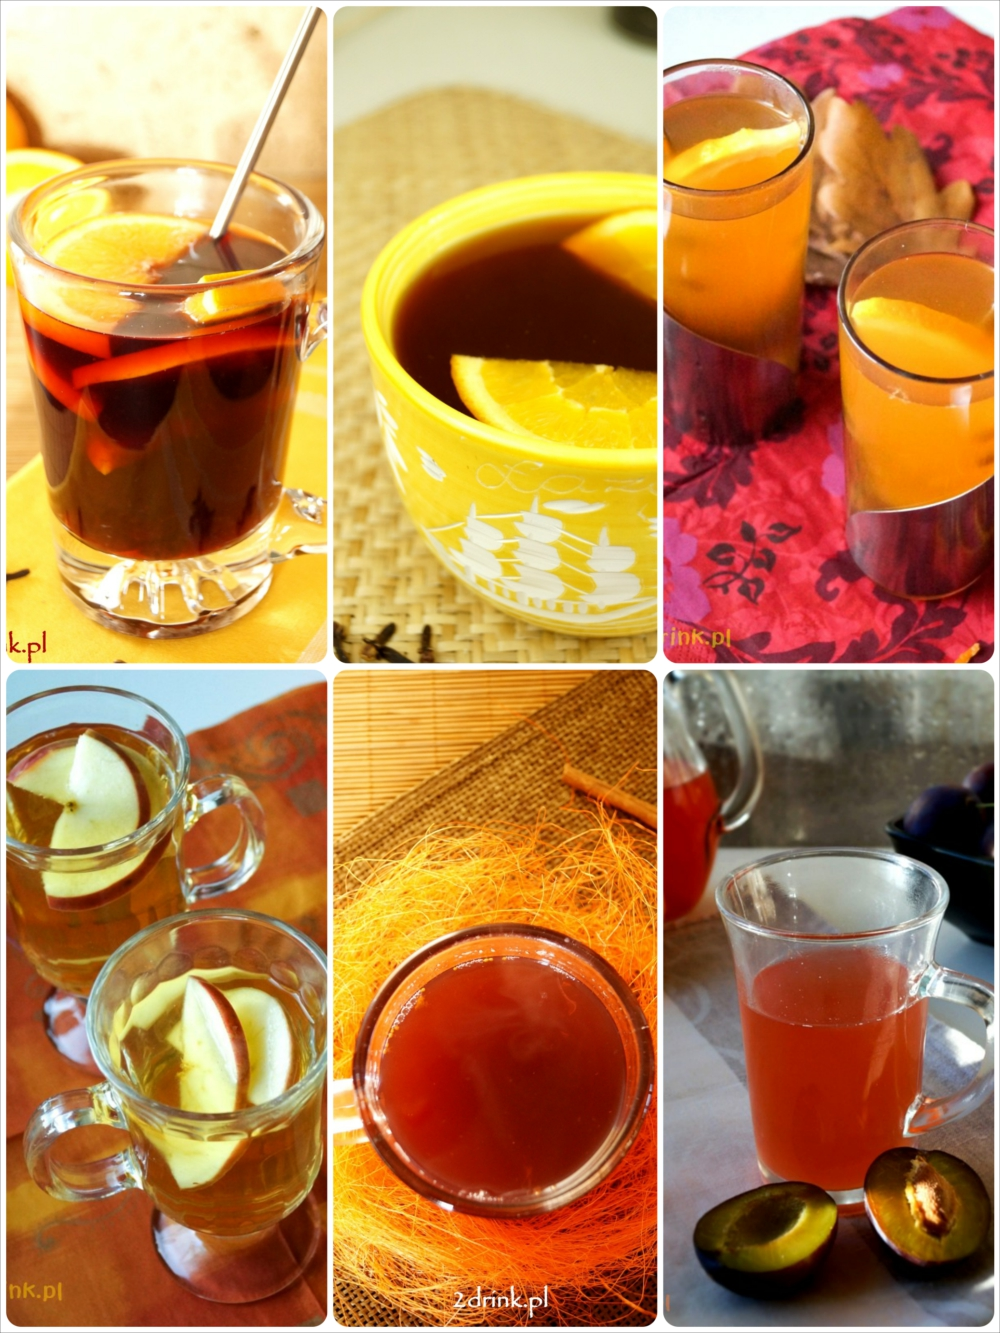 Grzaniec na 10 sposobów (z alkoholem i bez)